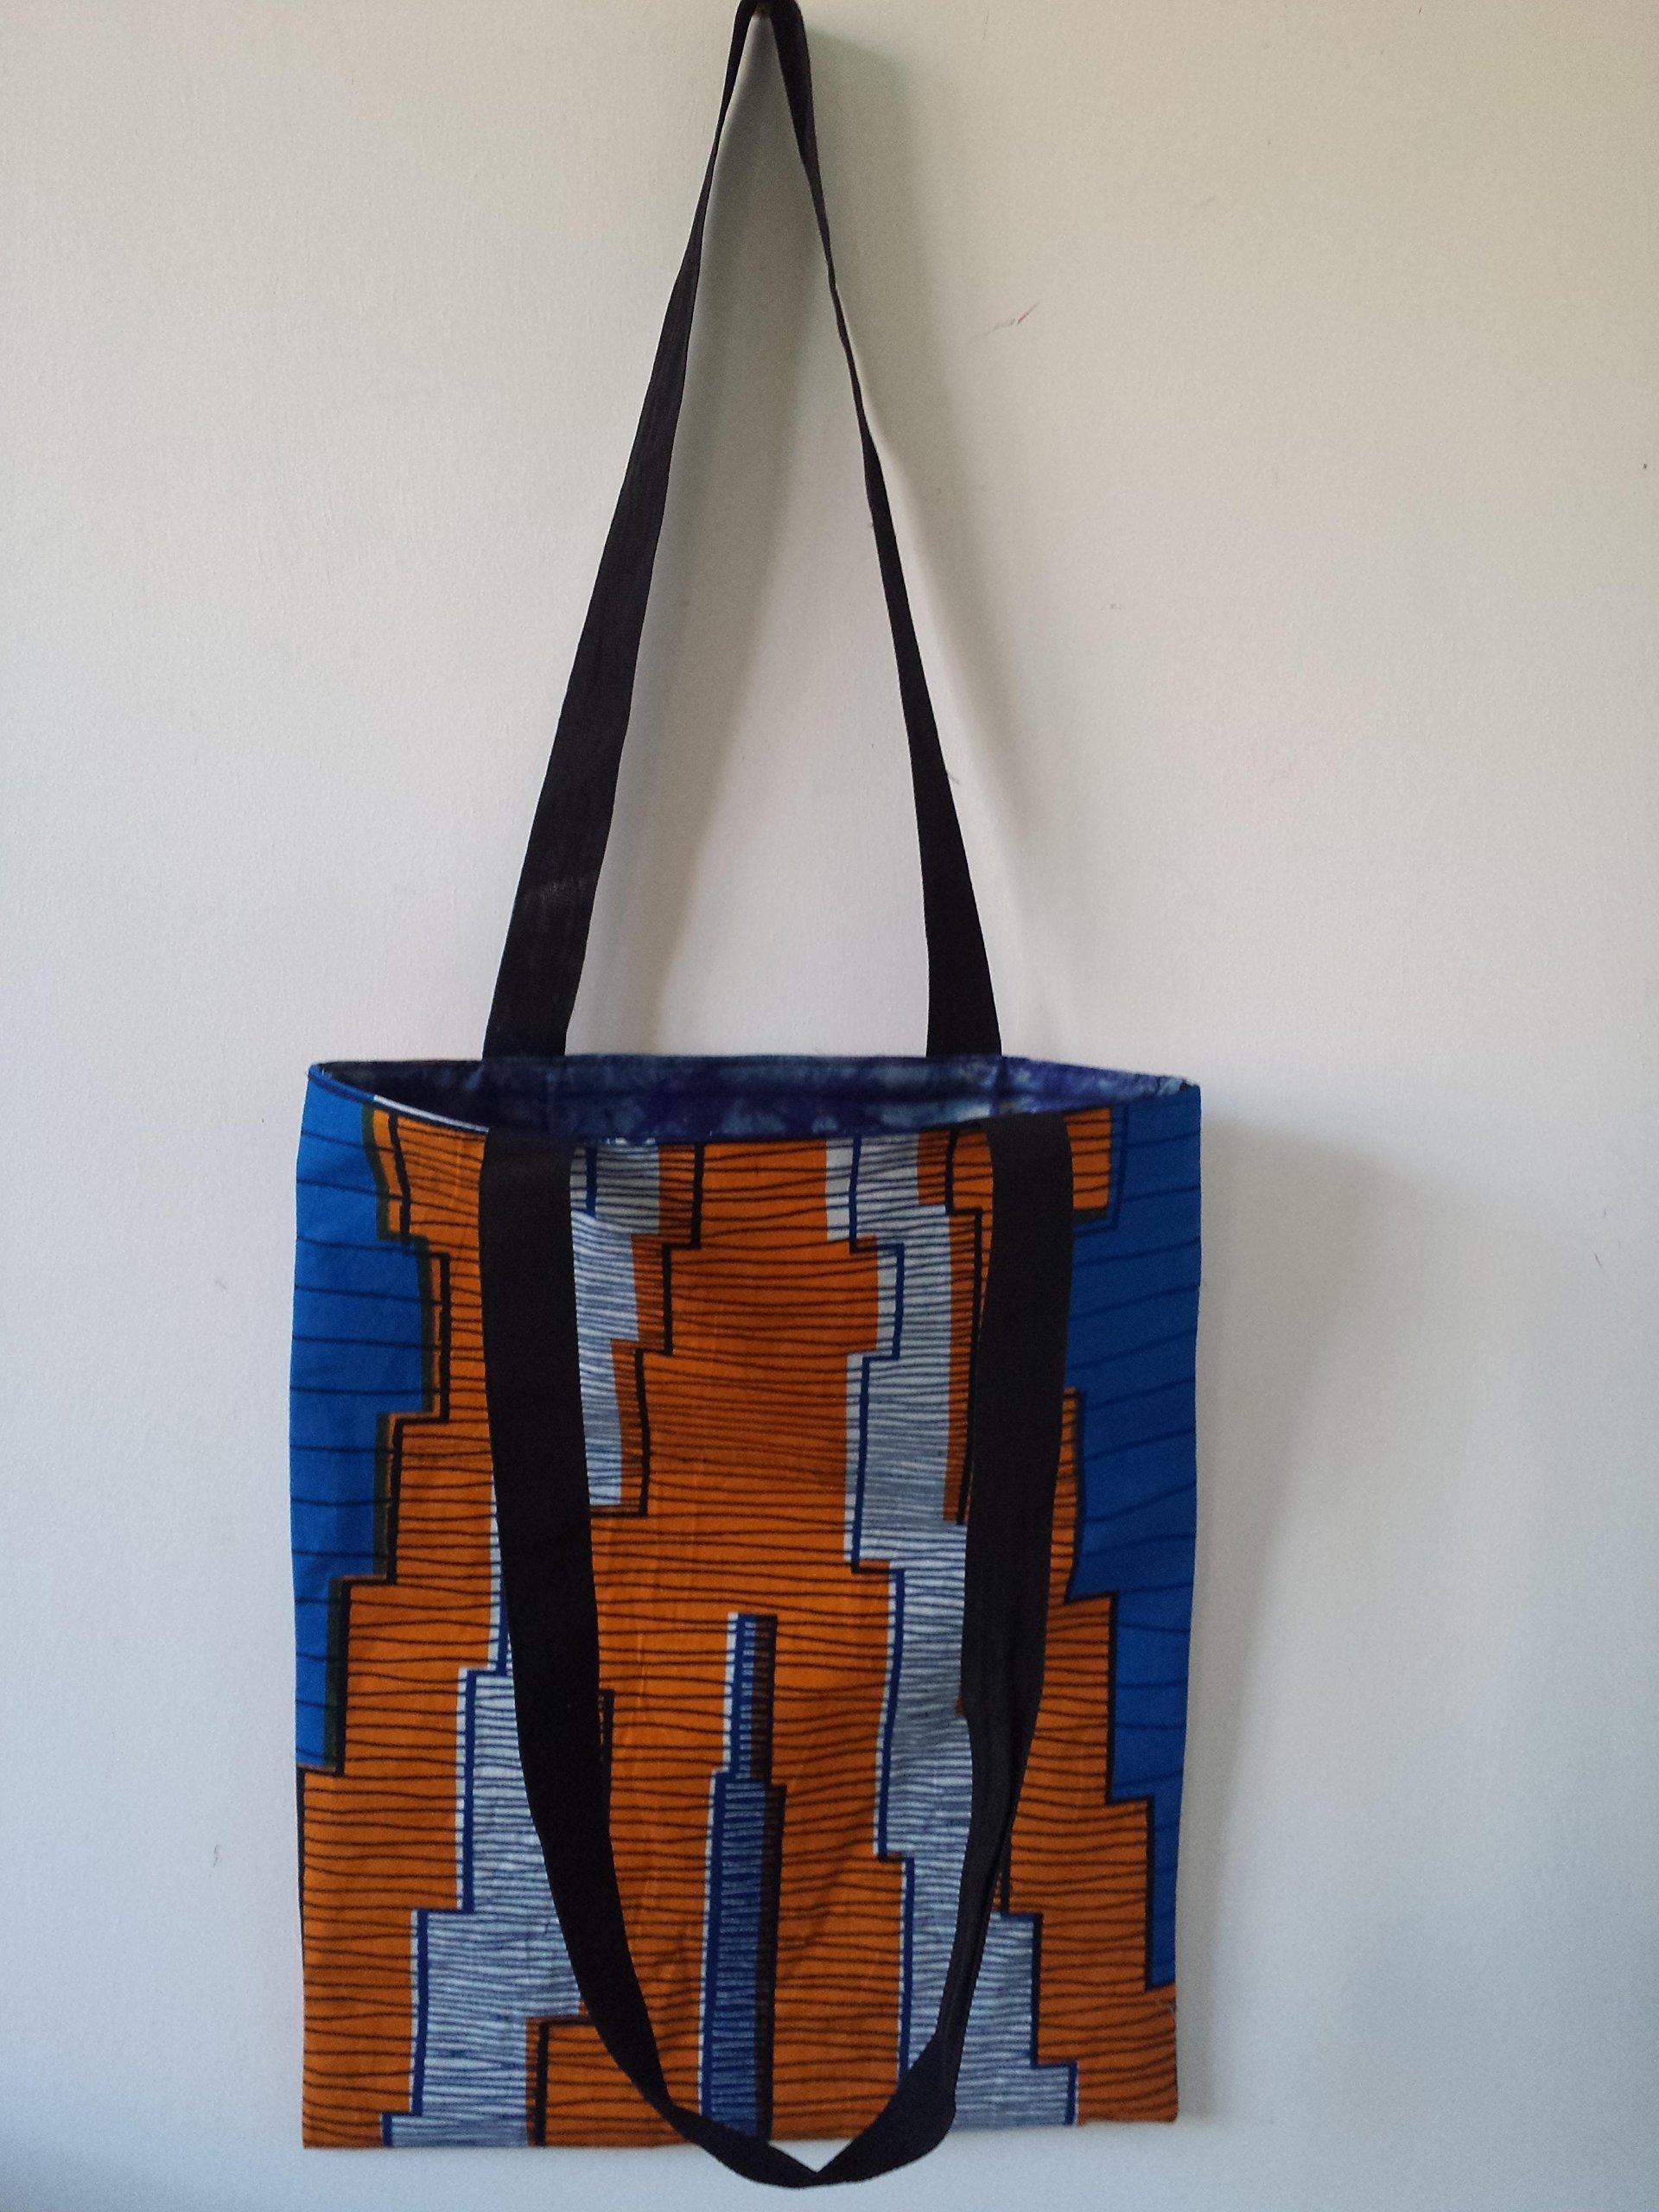 Ankara African Wax print Tote Shopper Bag - handmade-bags